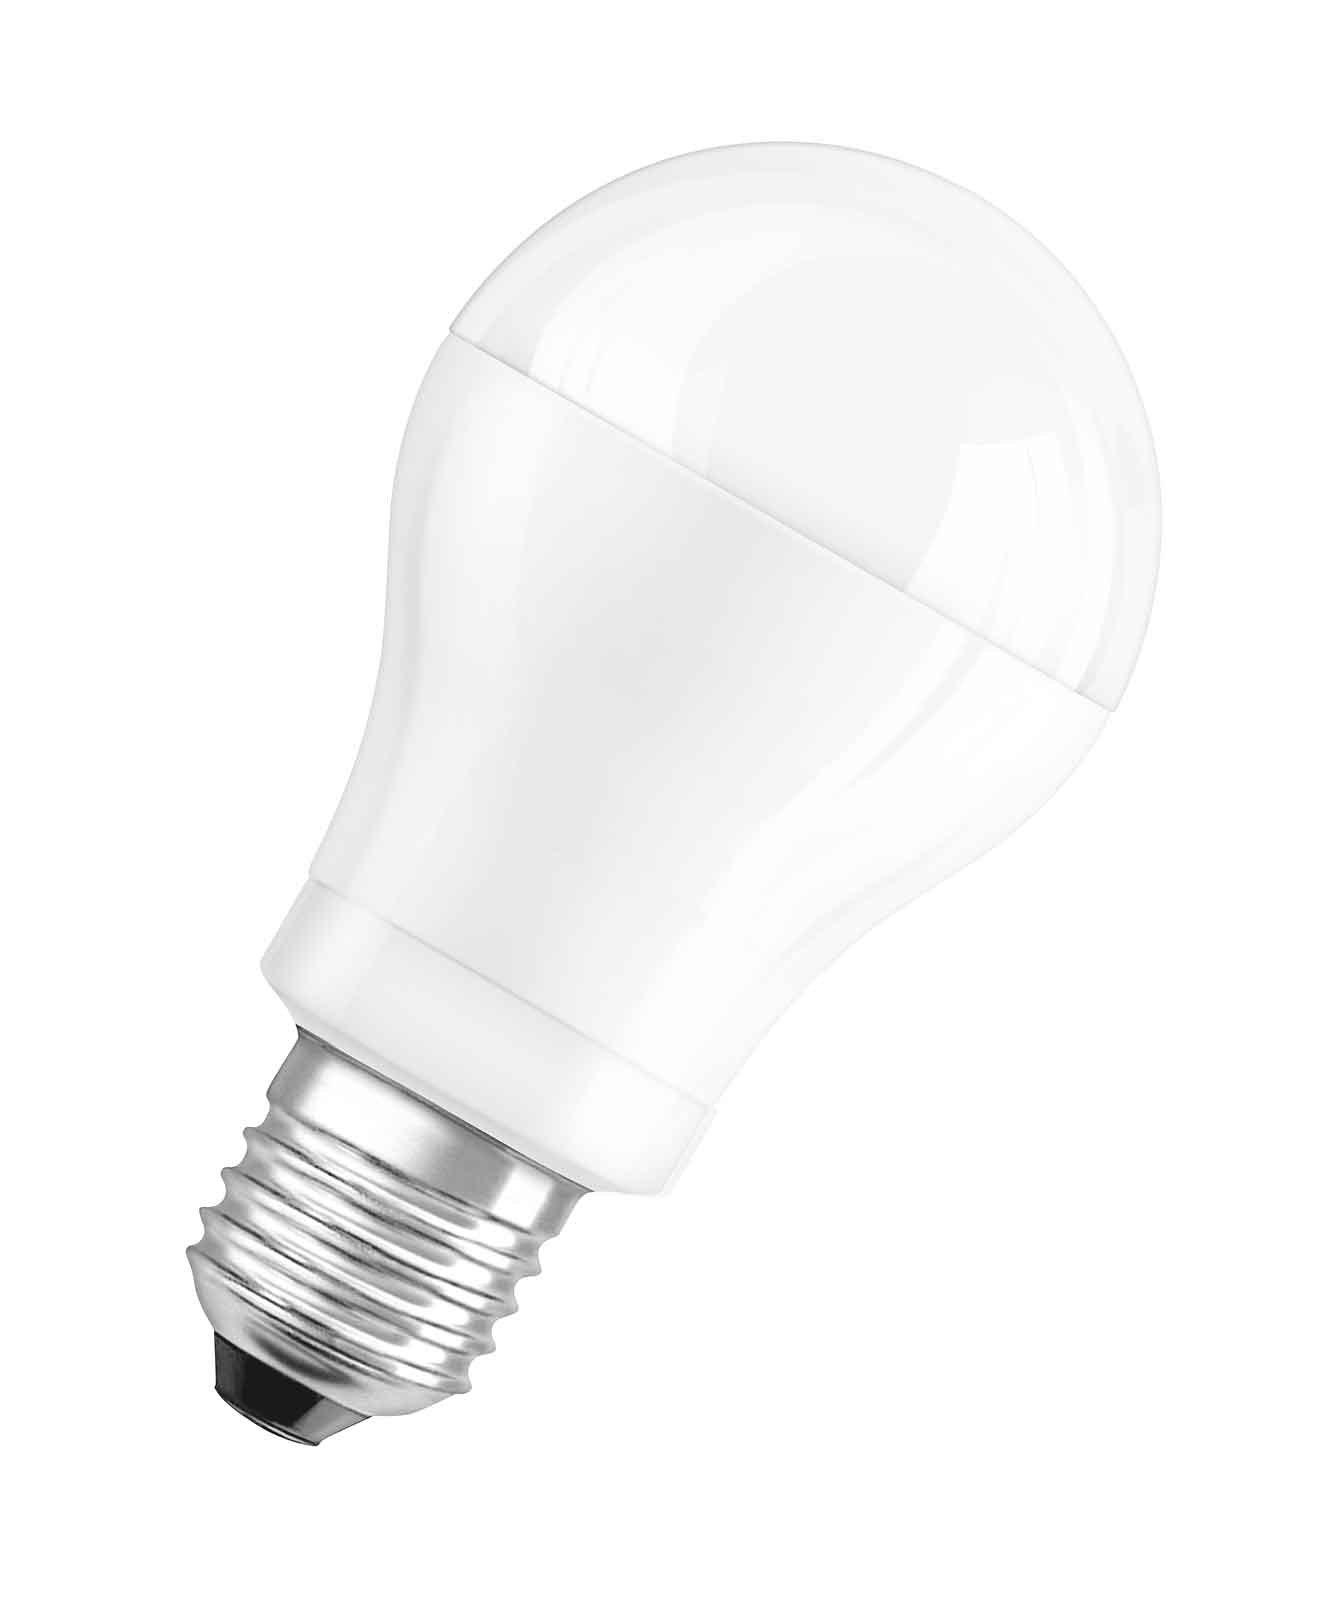 Nuove lampadine obiettivo risparmio cose di casa for Lampadine led 5 watt